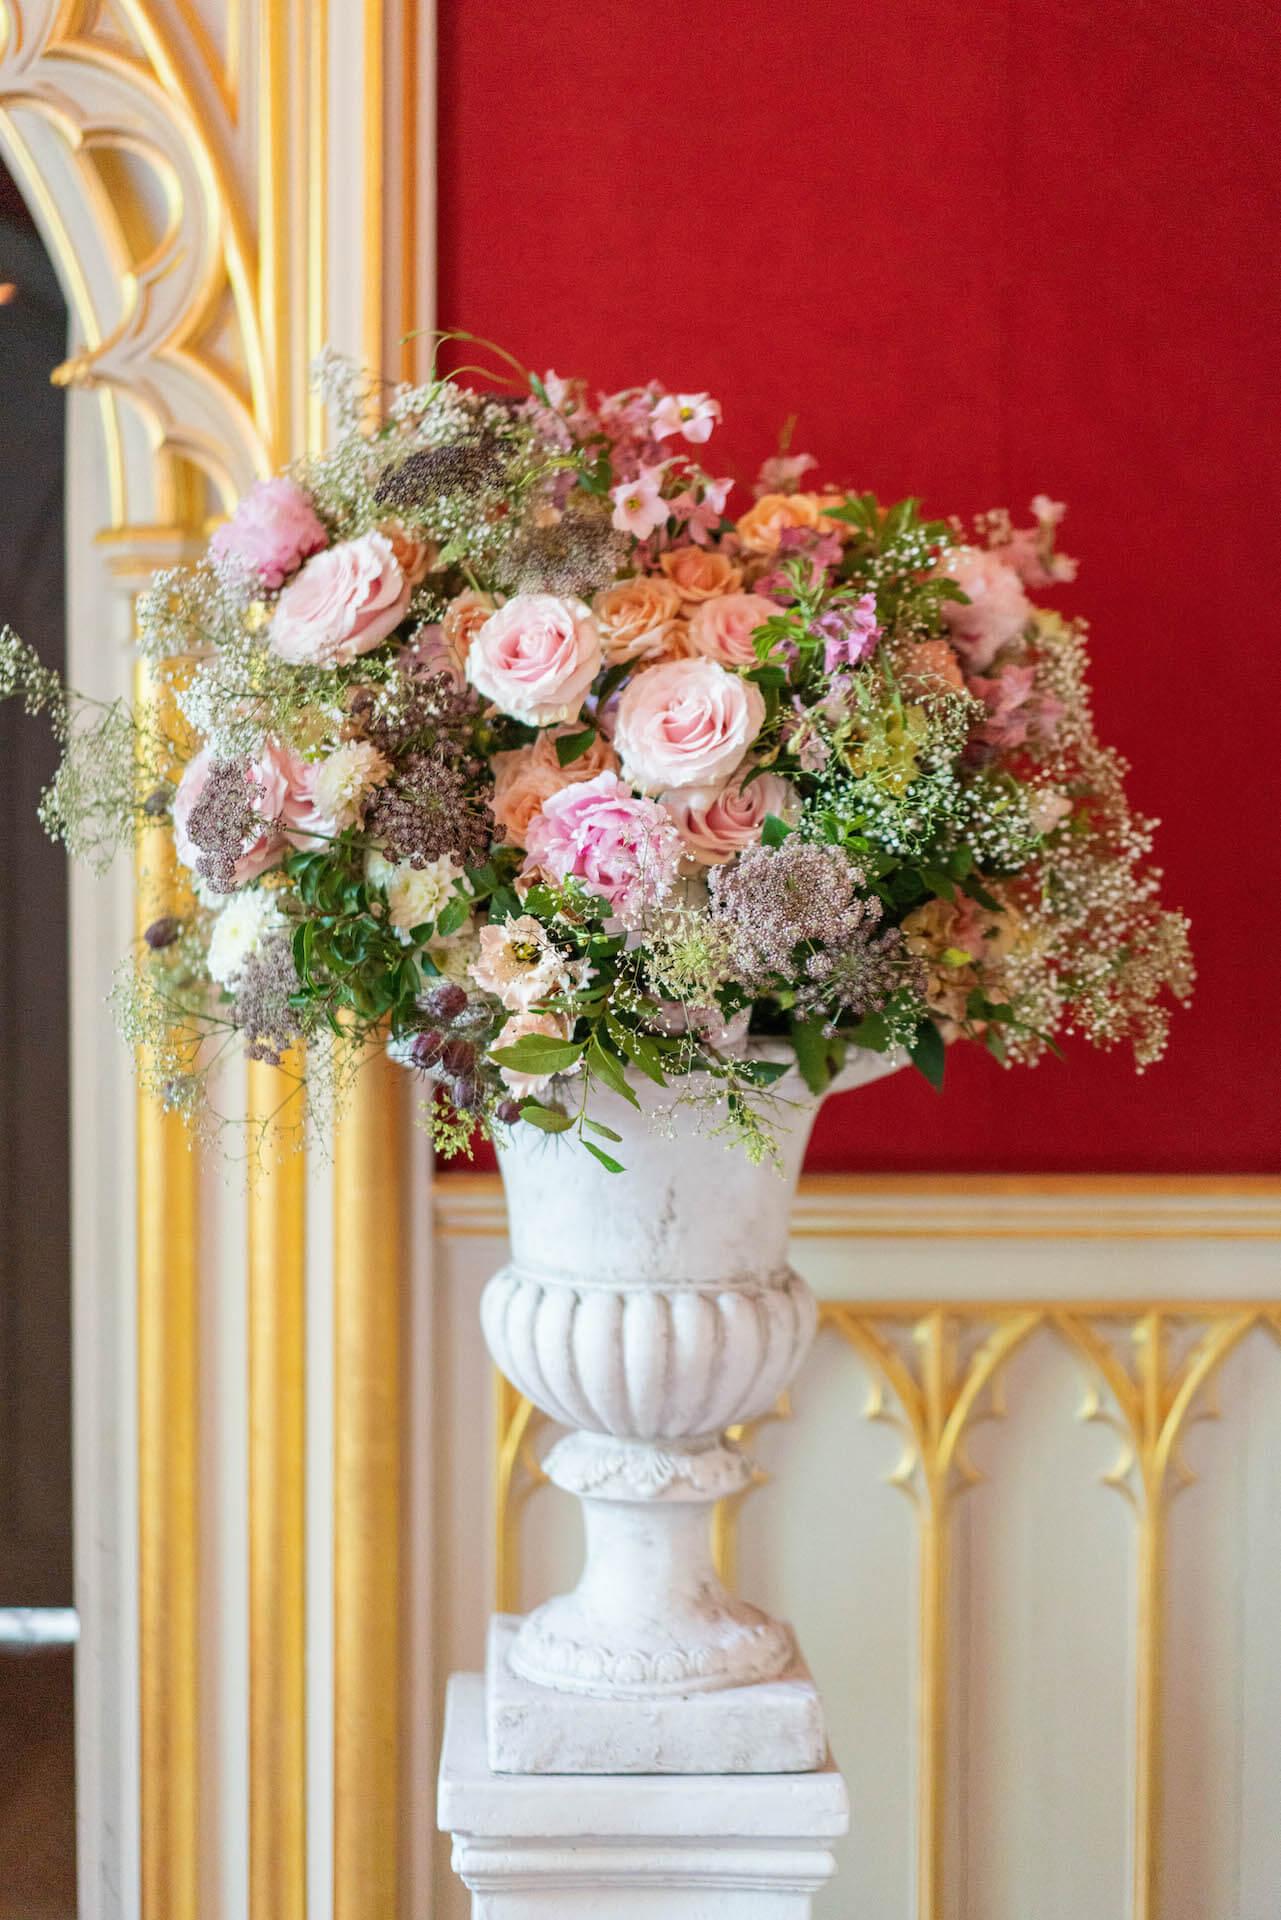 Round Large Gypsophilia and Roses Flower Arrangemnent